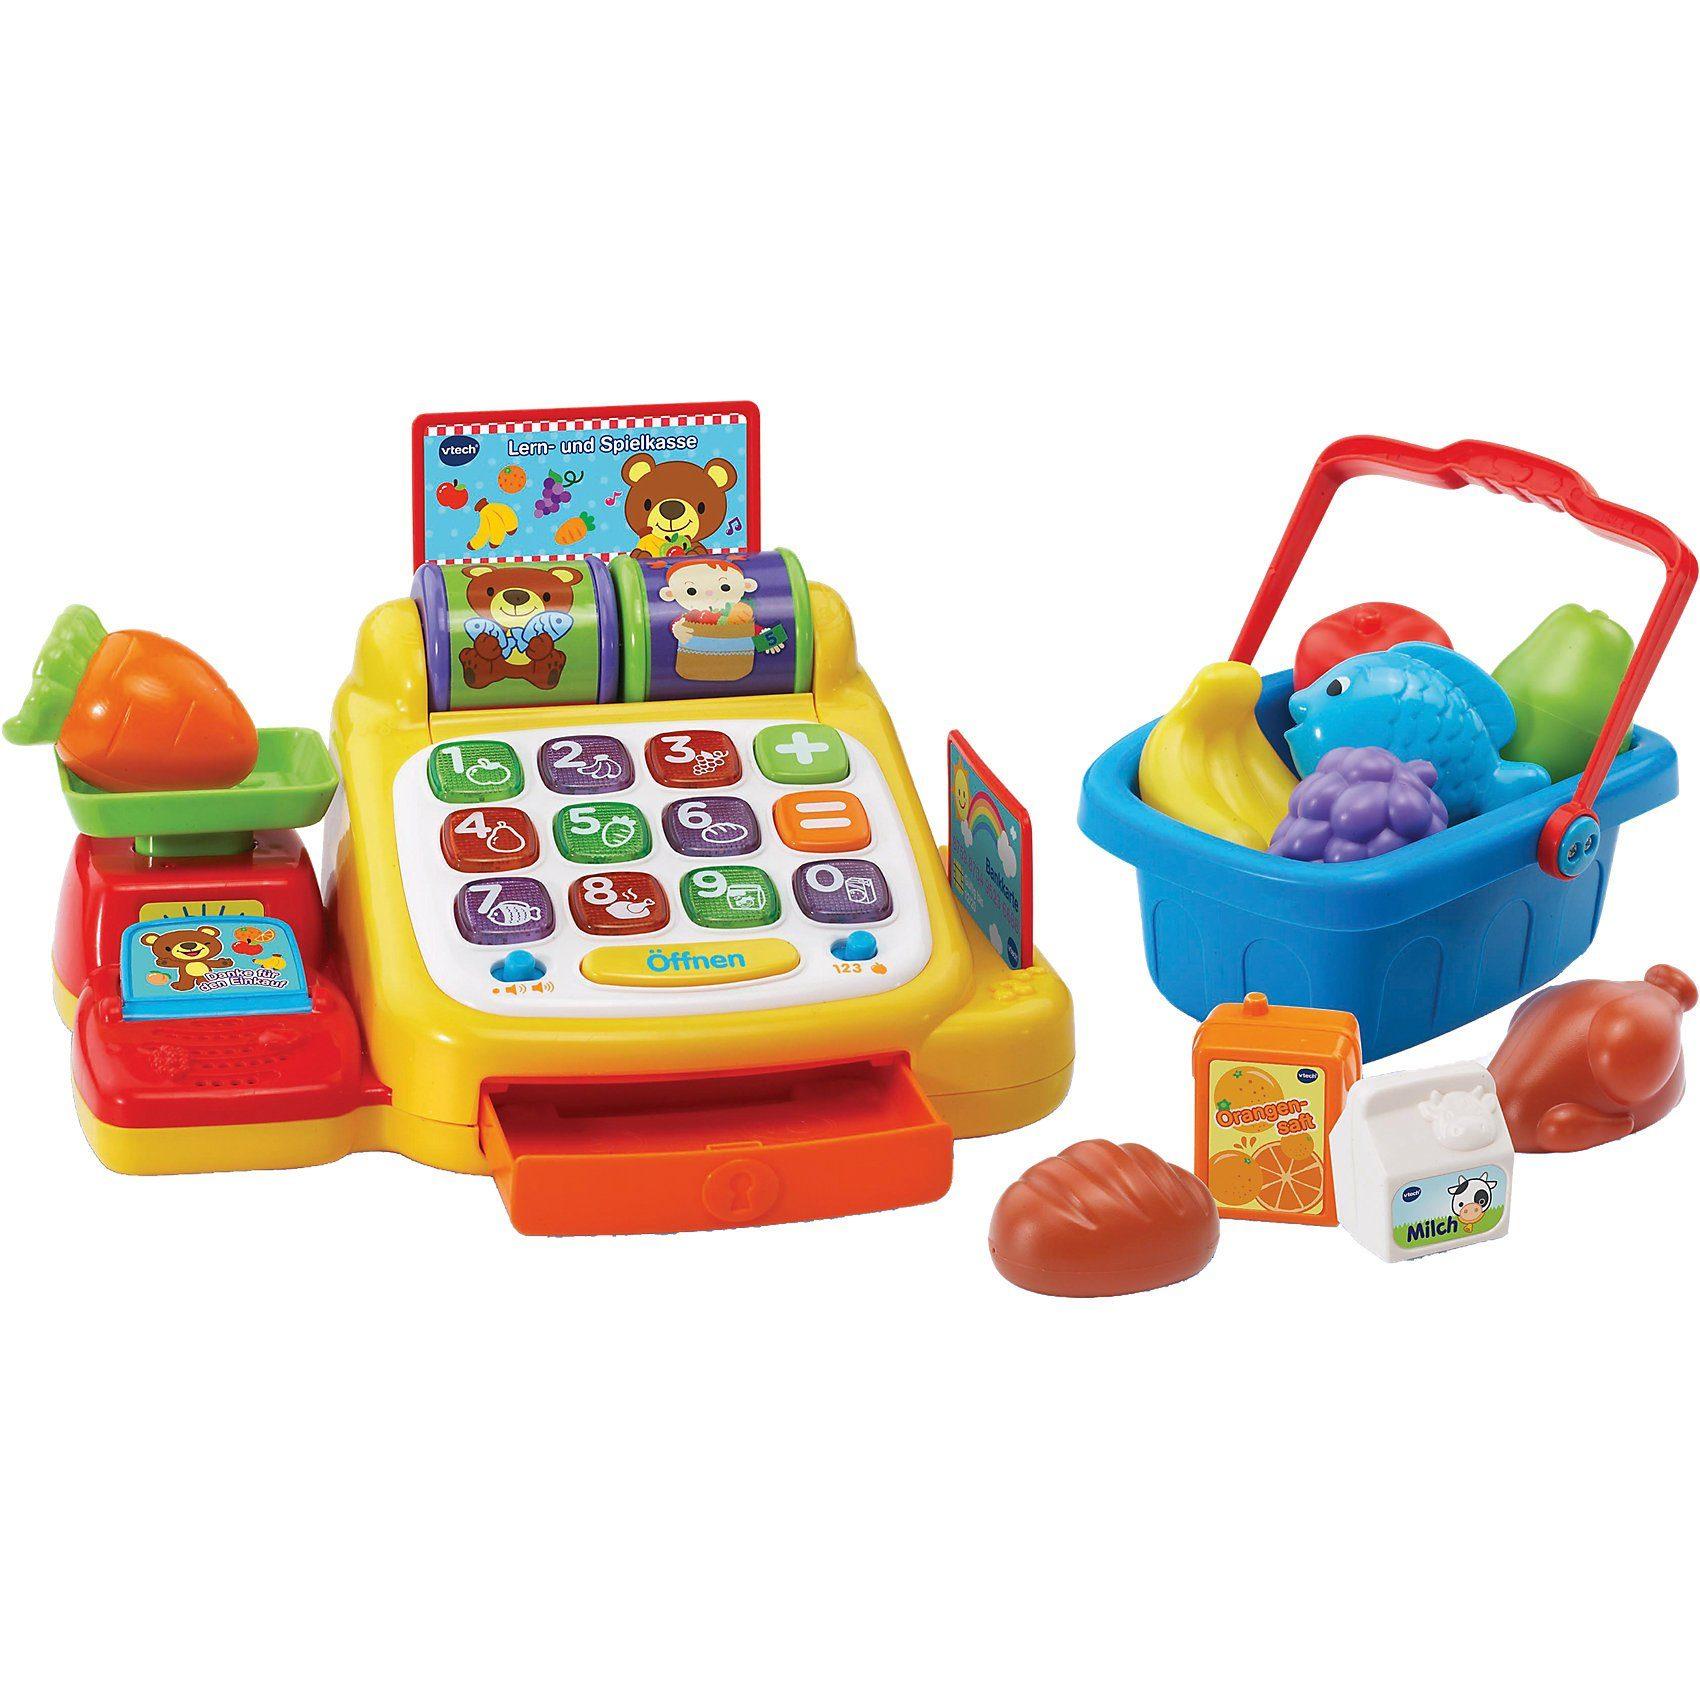 Vtech Lern- und Spielkasse